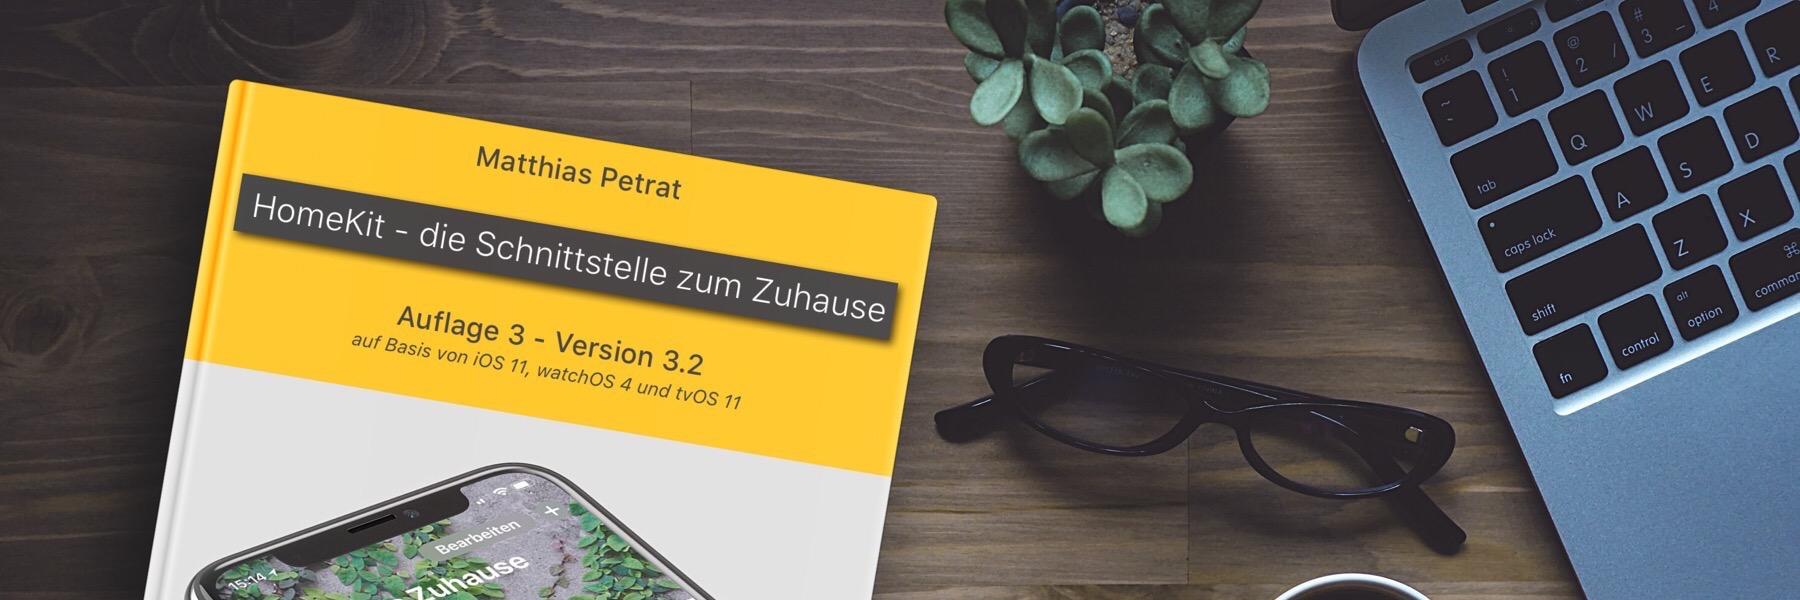 HomeKit Buch erhält Update auf Version 3.2